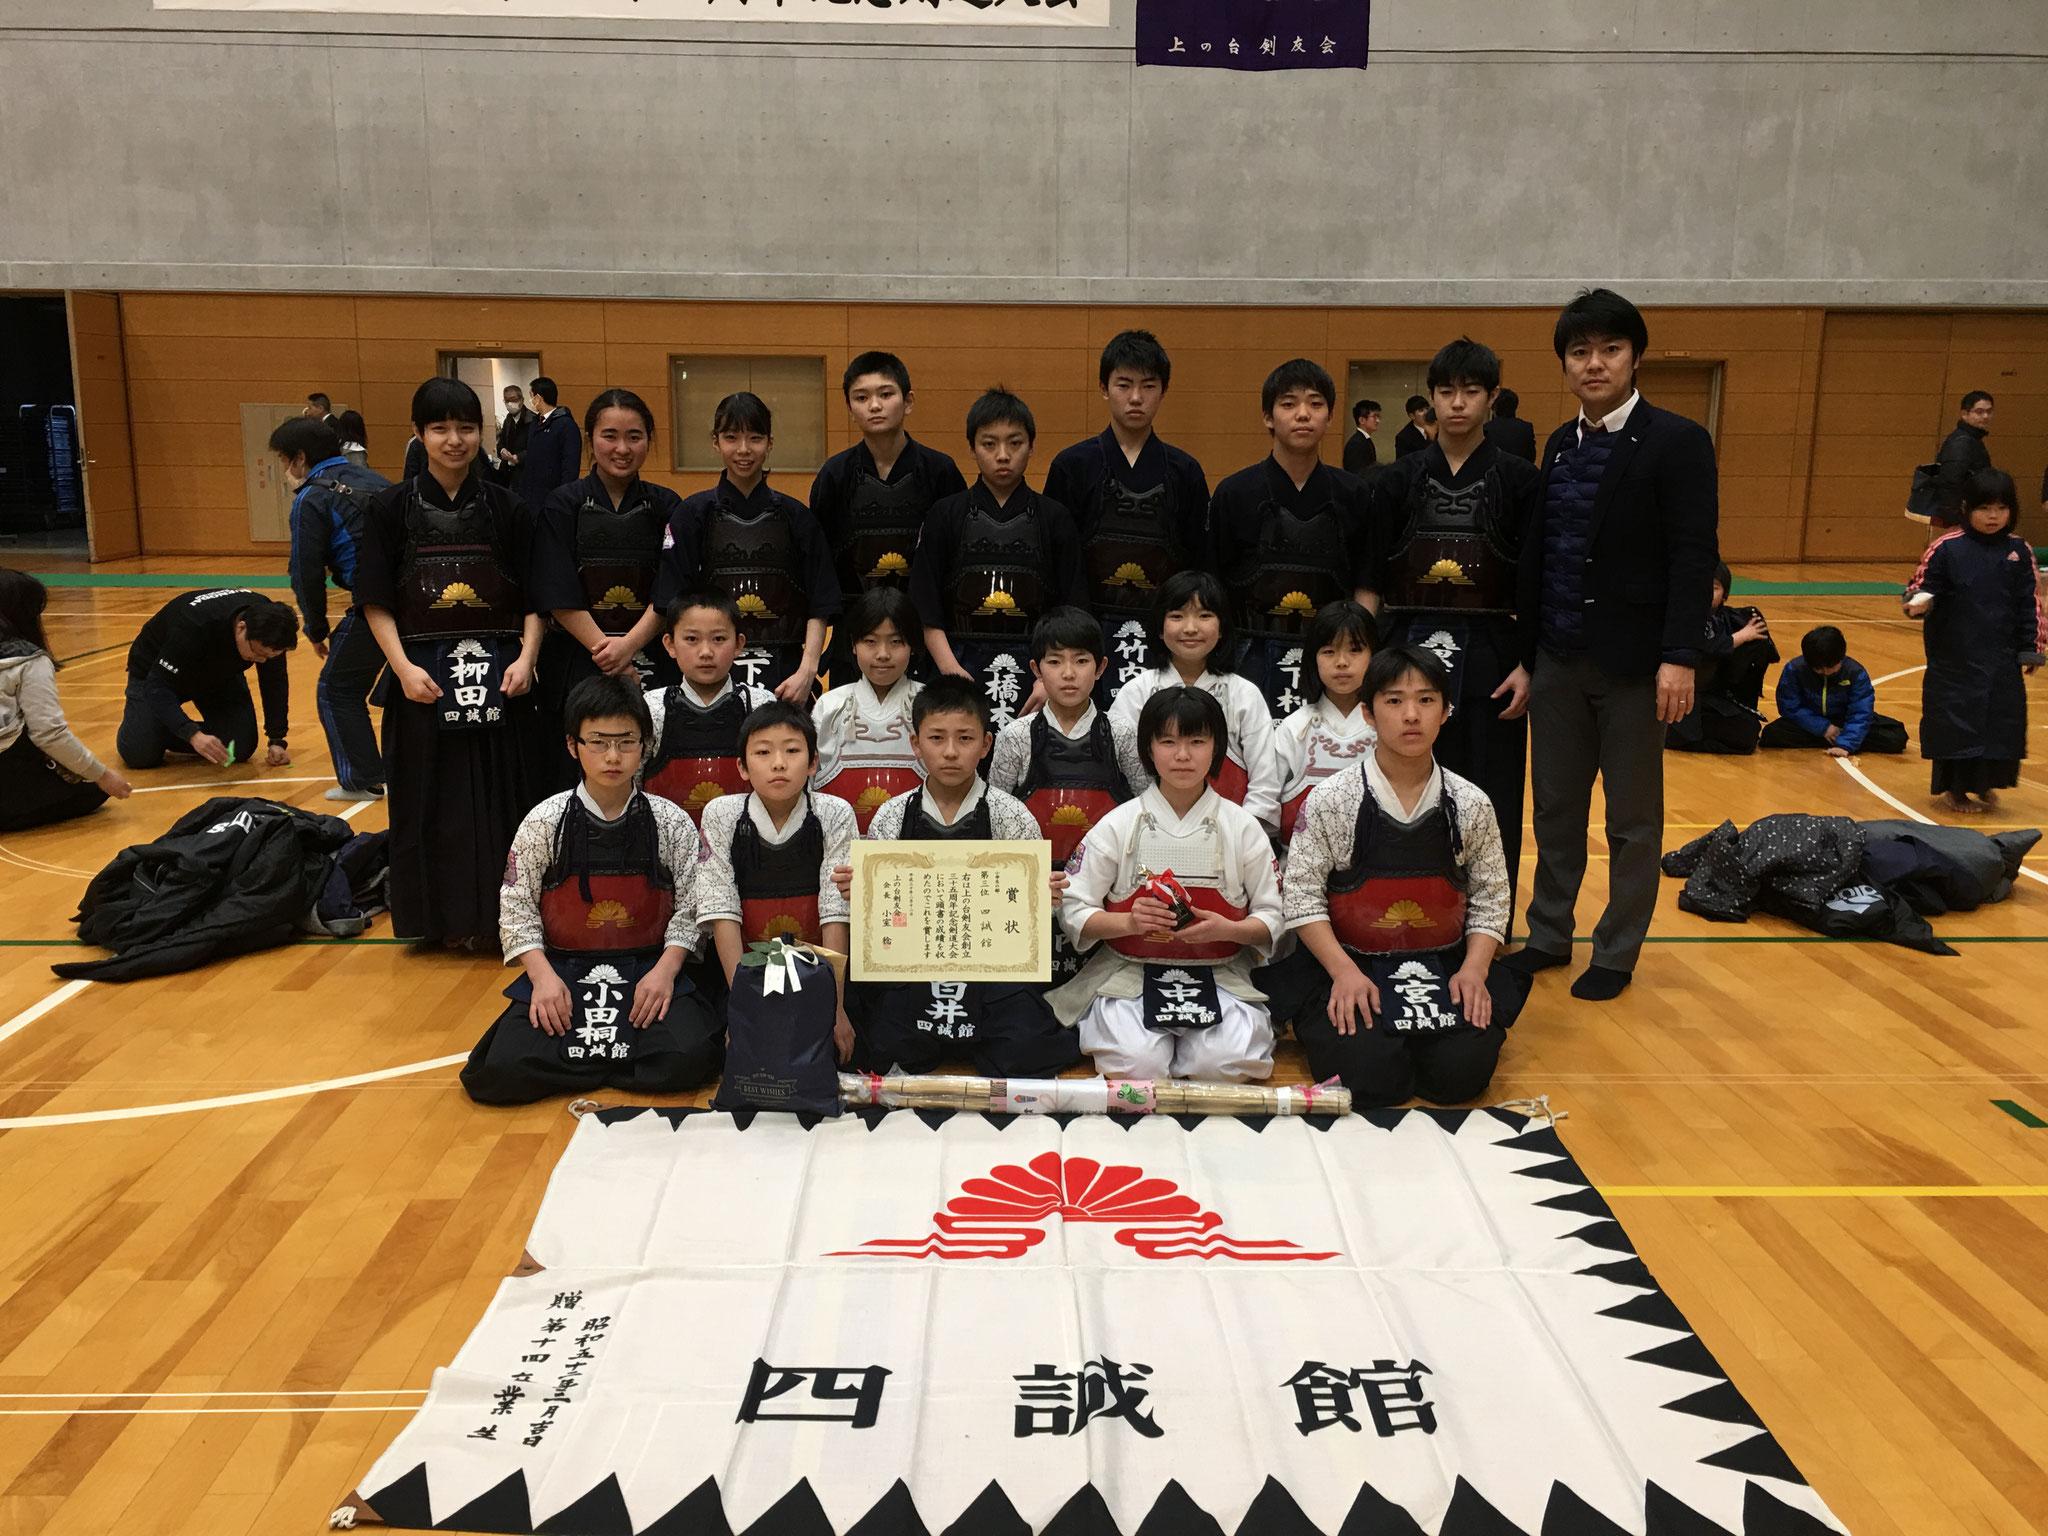 上の台剣友会創立35周年記念剣道大会